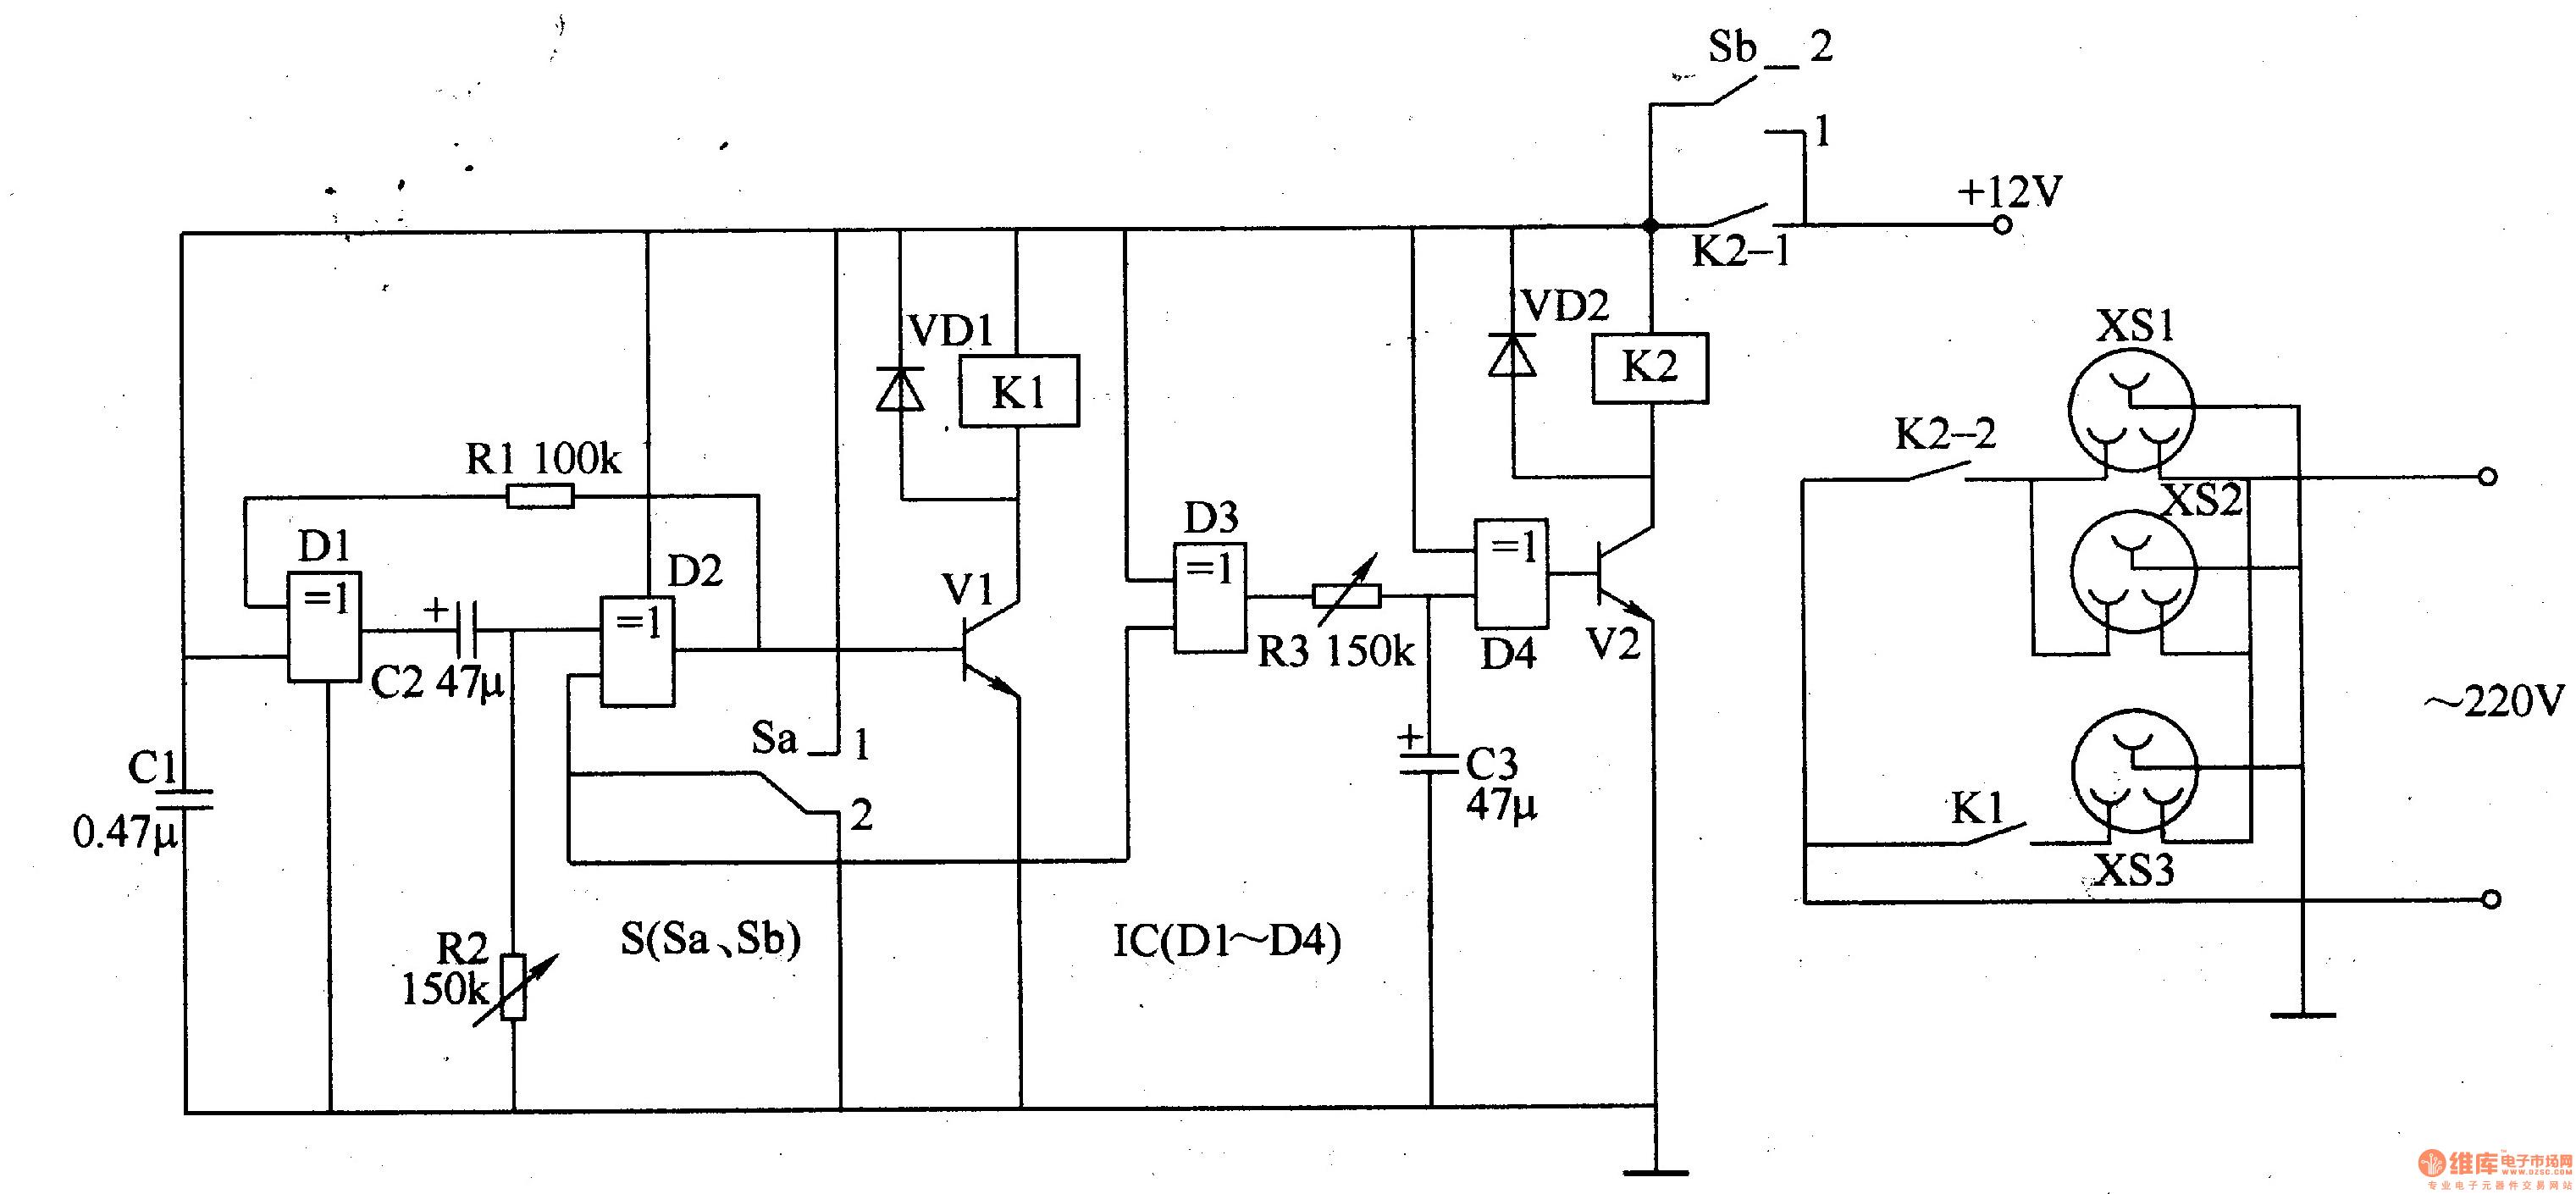 延时控制电路A由四异或门集成电路IC(DlLD4)内Dl、D2、电阻器Rl、R图片